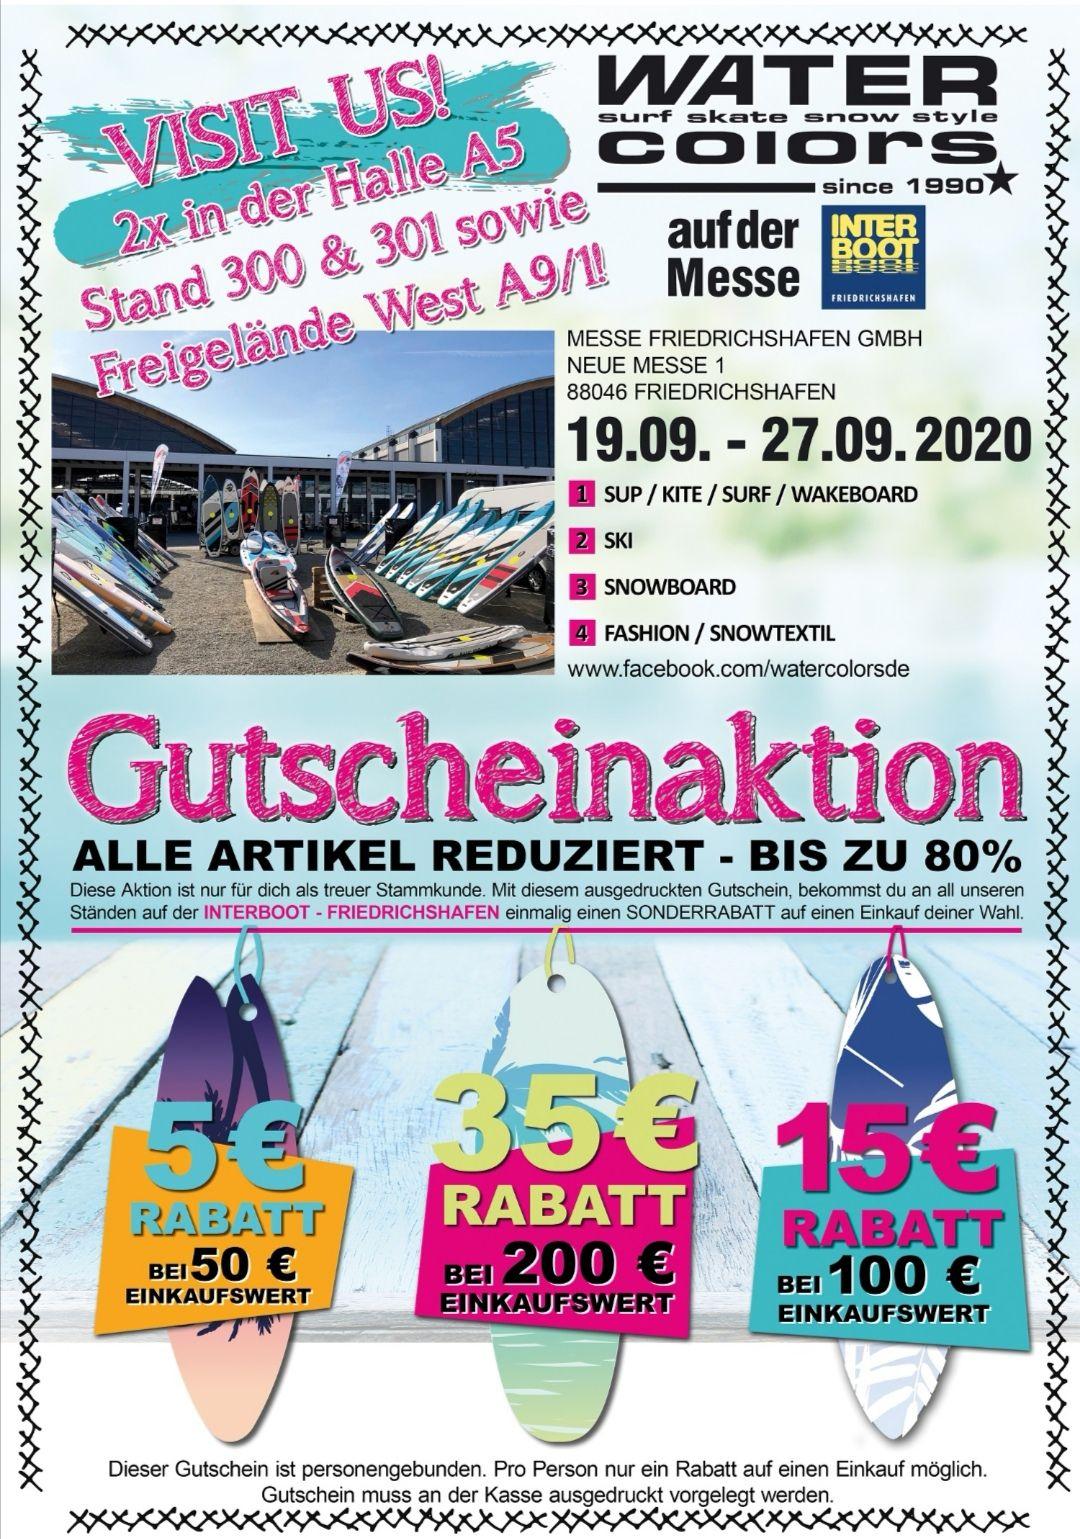 [funsportone] Gutscheinaktion Messe Interboot in Friedrichshafen 5€ bei 50€ Ekw - 15€ bei 100€ Ekw - 35€ bei 200€ Ekw